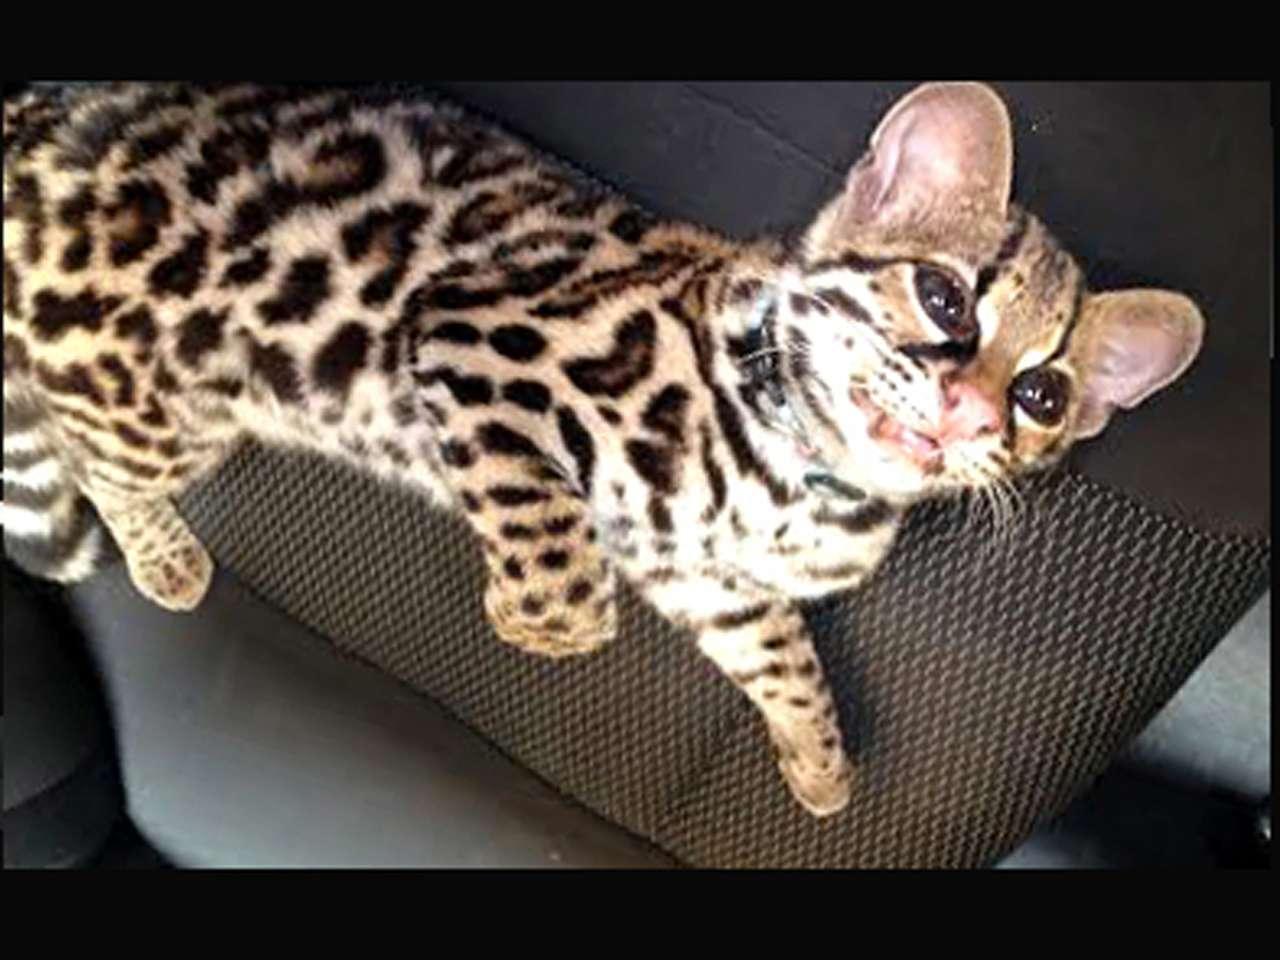 Un ejemplar de tigrillo de la especie Leopardus wiedii fue rescatado por personal de la Procuraduría Federal de Protección al Ambiente (PROFEPA), Delegación Oaxaca, tras una denuncia en Facebook. Foto: Profepa